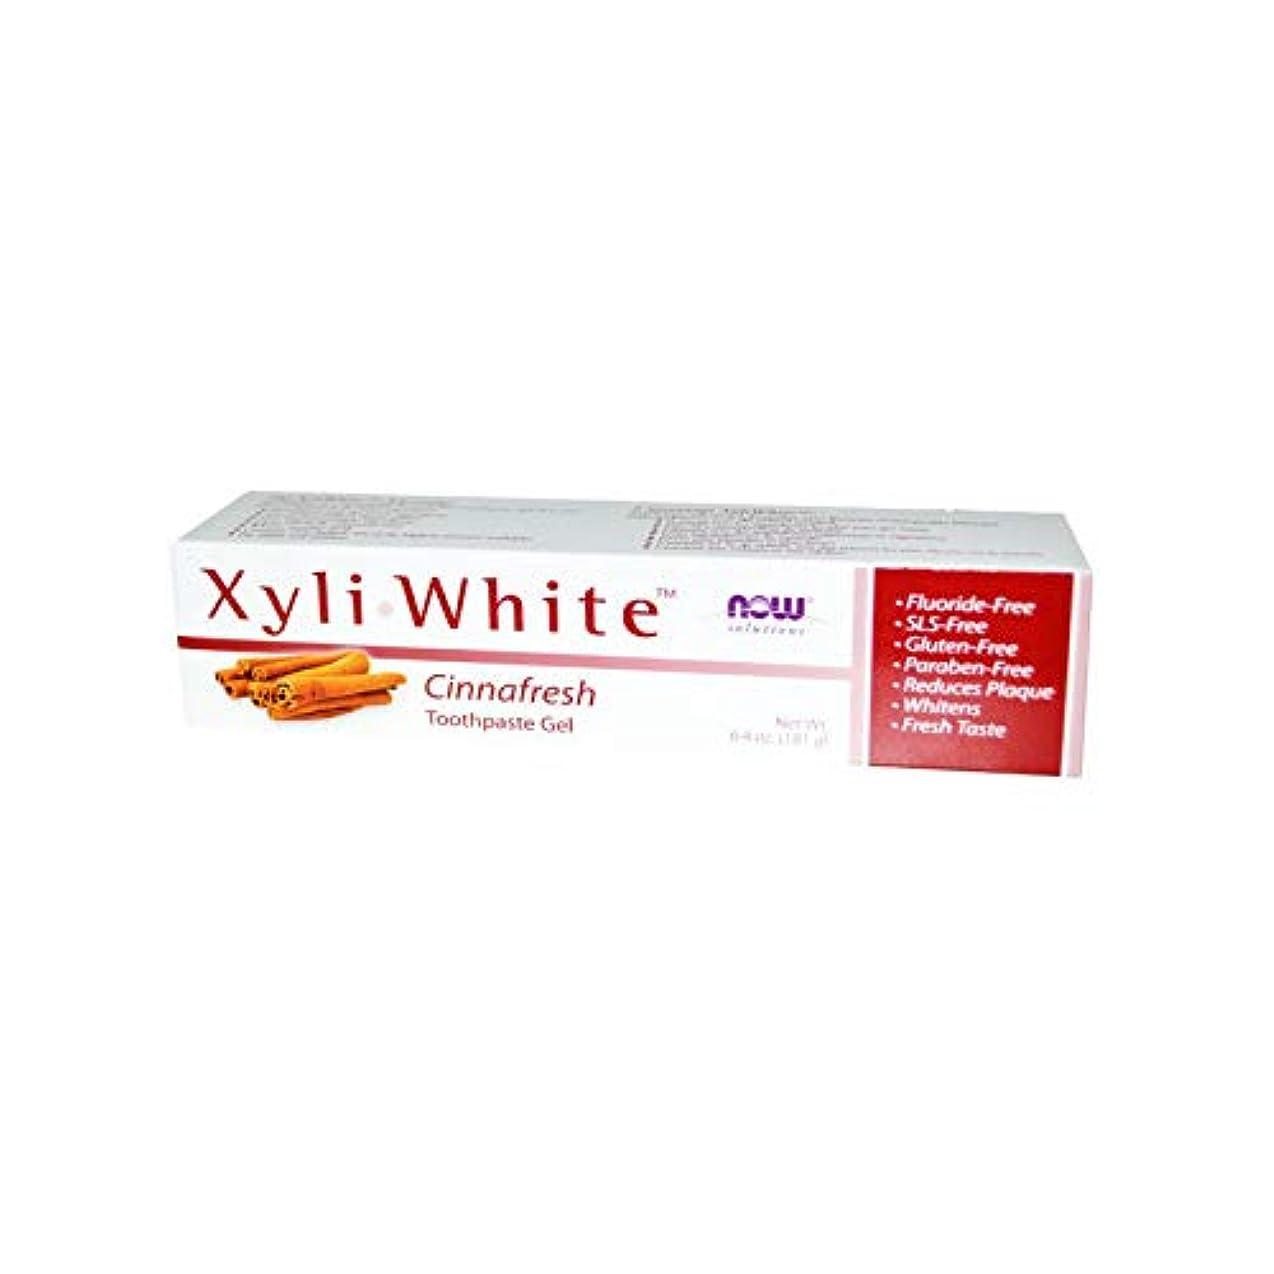 何よりもボウリング小道具海外直送品 Now Foods XYLIWHITE TOOTHPASTE, 6.4 oz NATURAL-CINNAMON